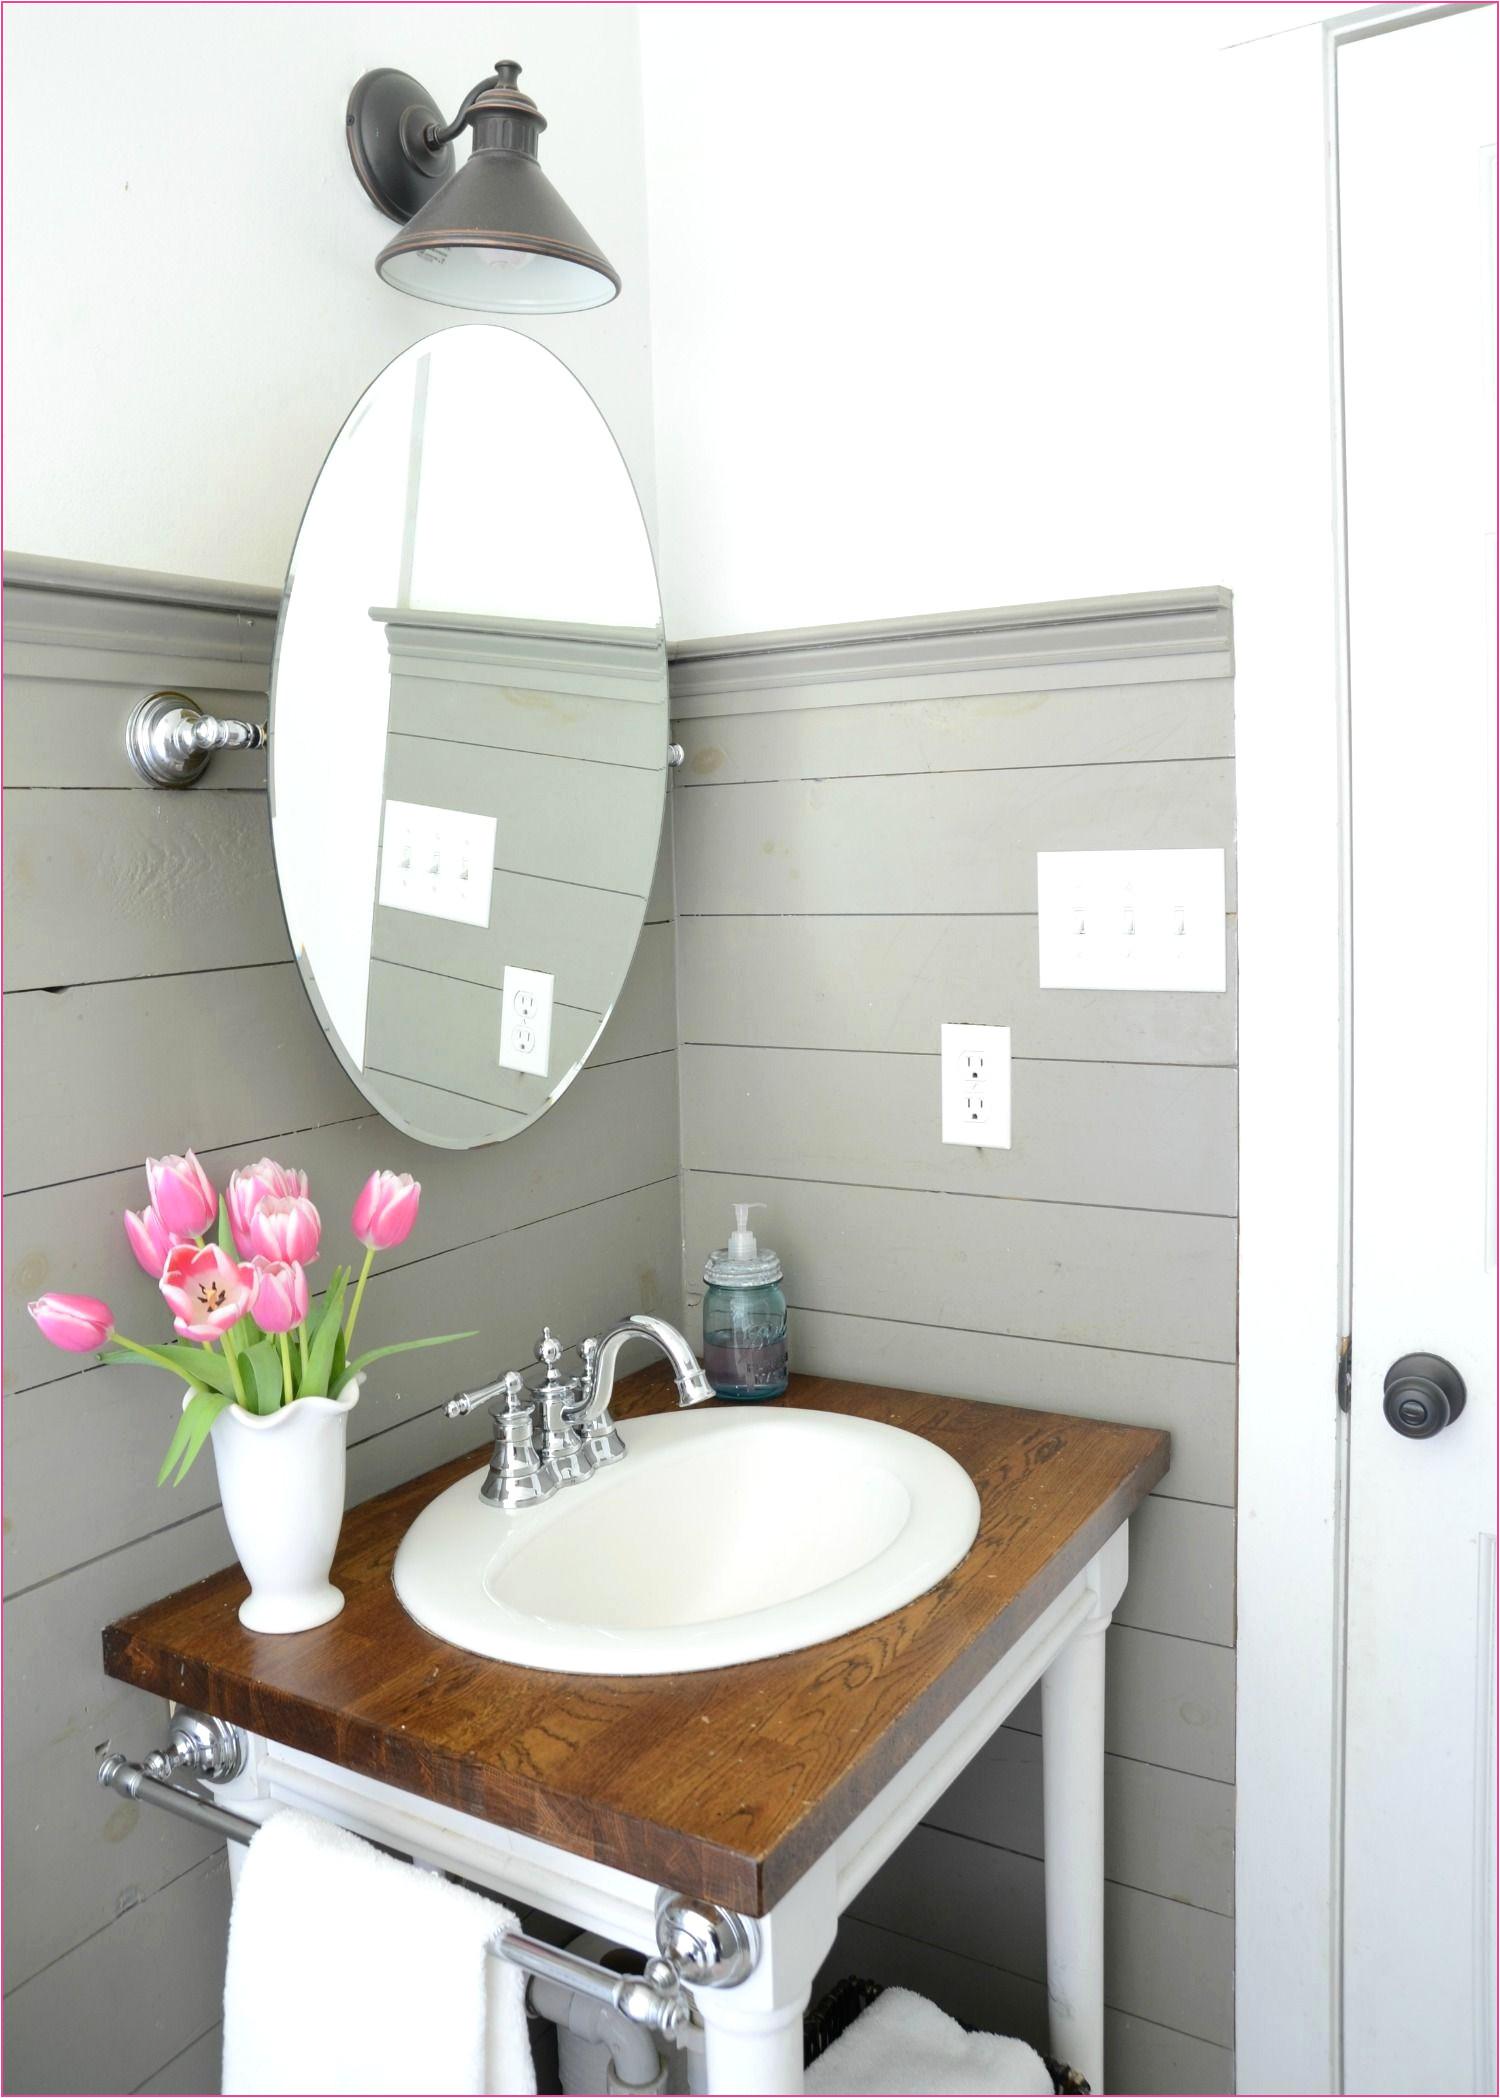 shiplap in bathroom moisture lovely installing bathroom fan luxury diy shiplap boy s bathroom reveal